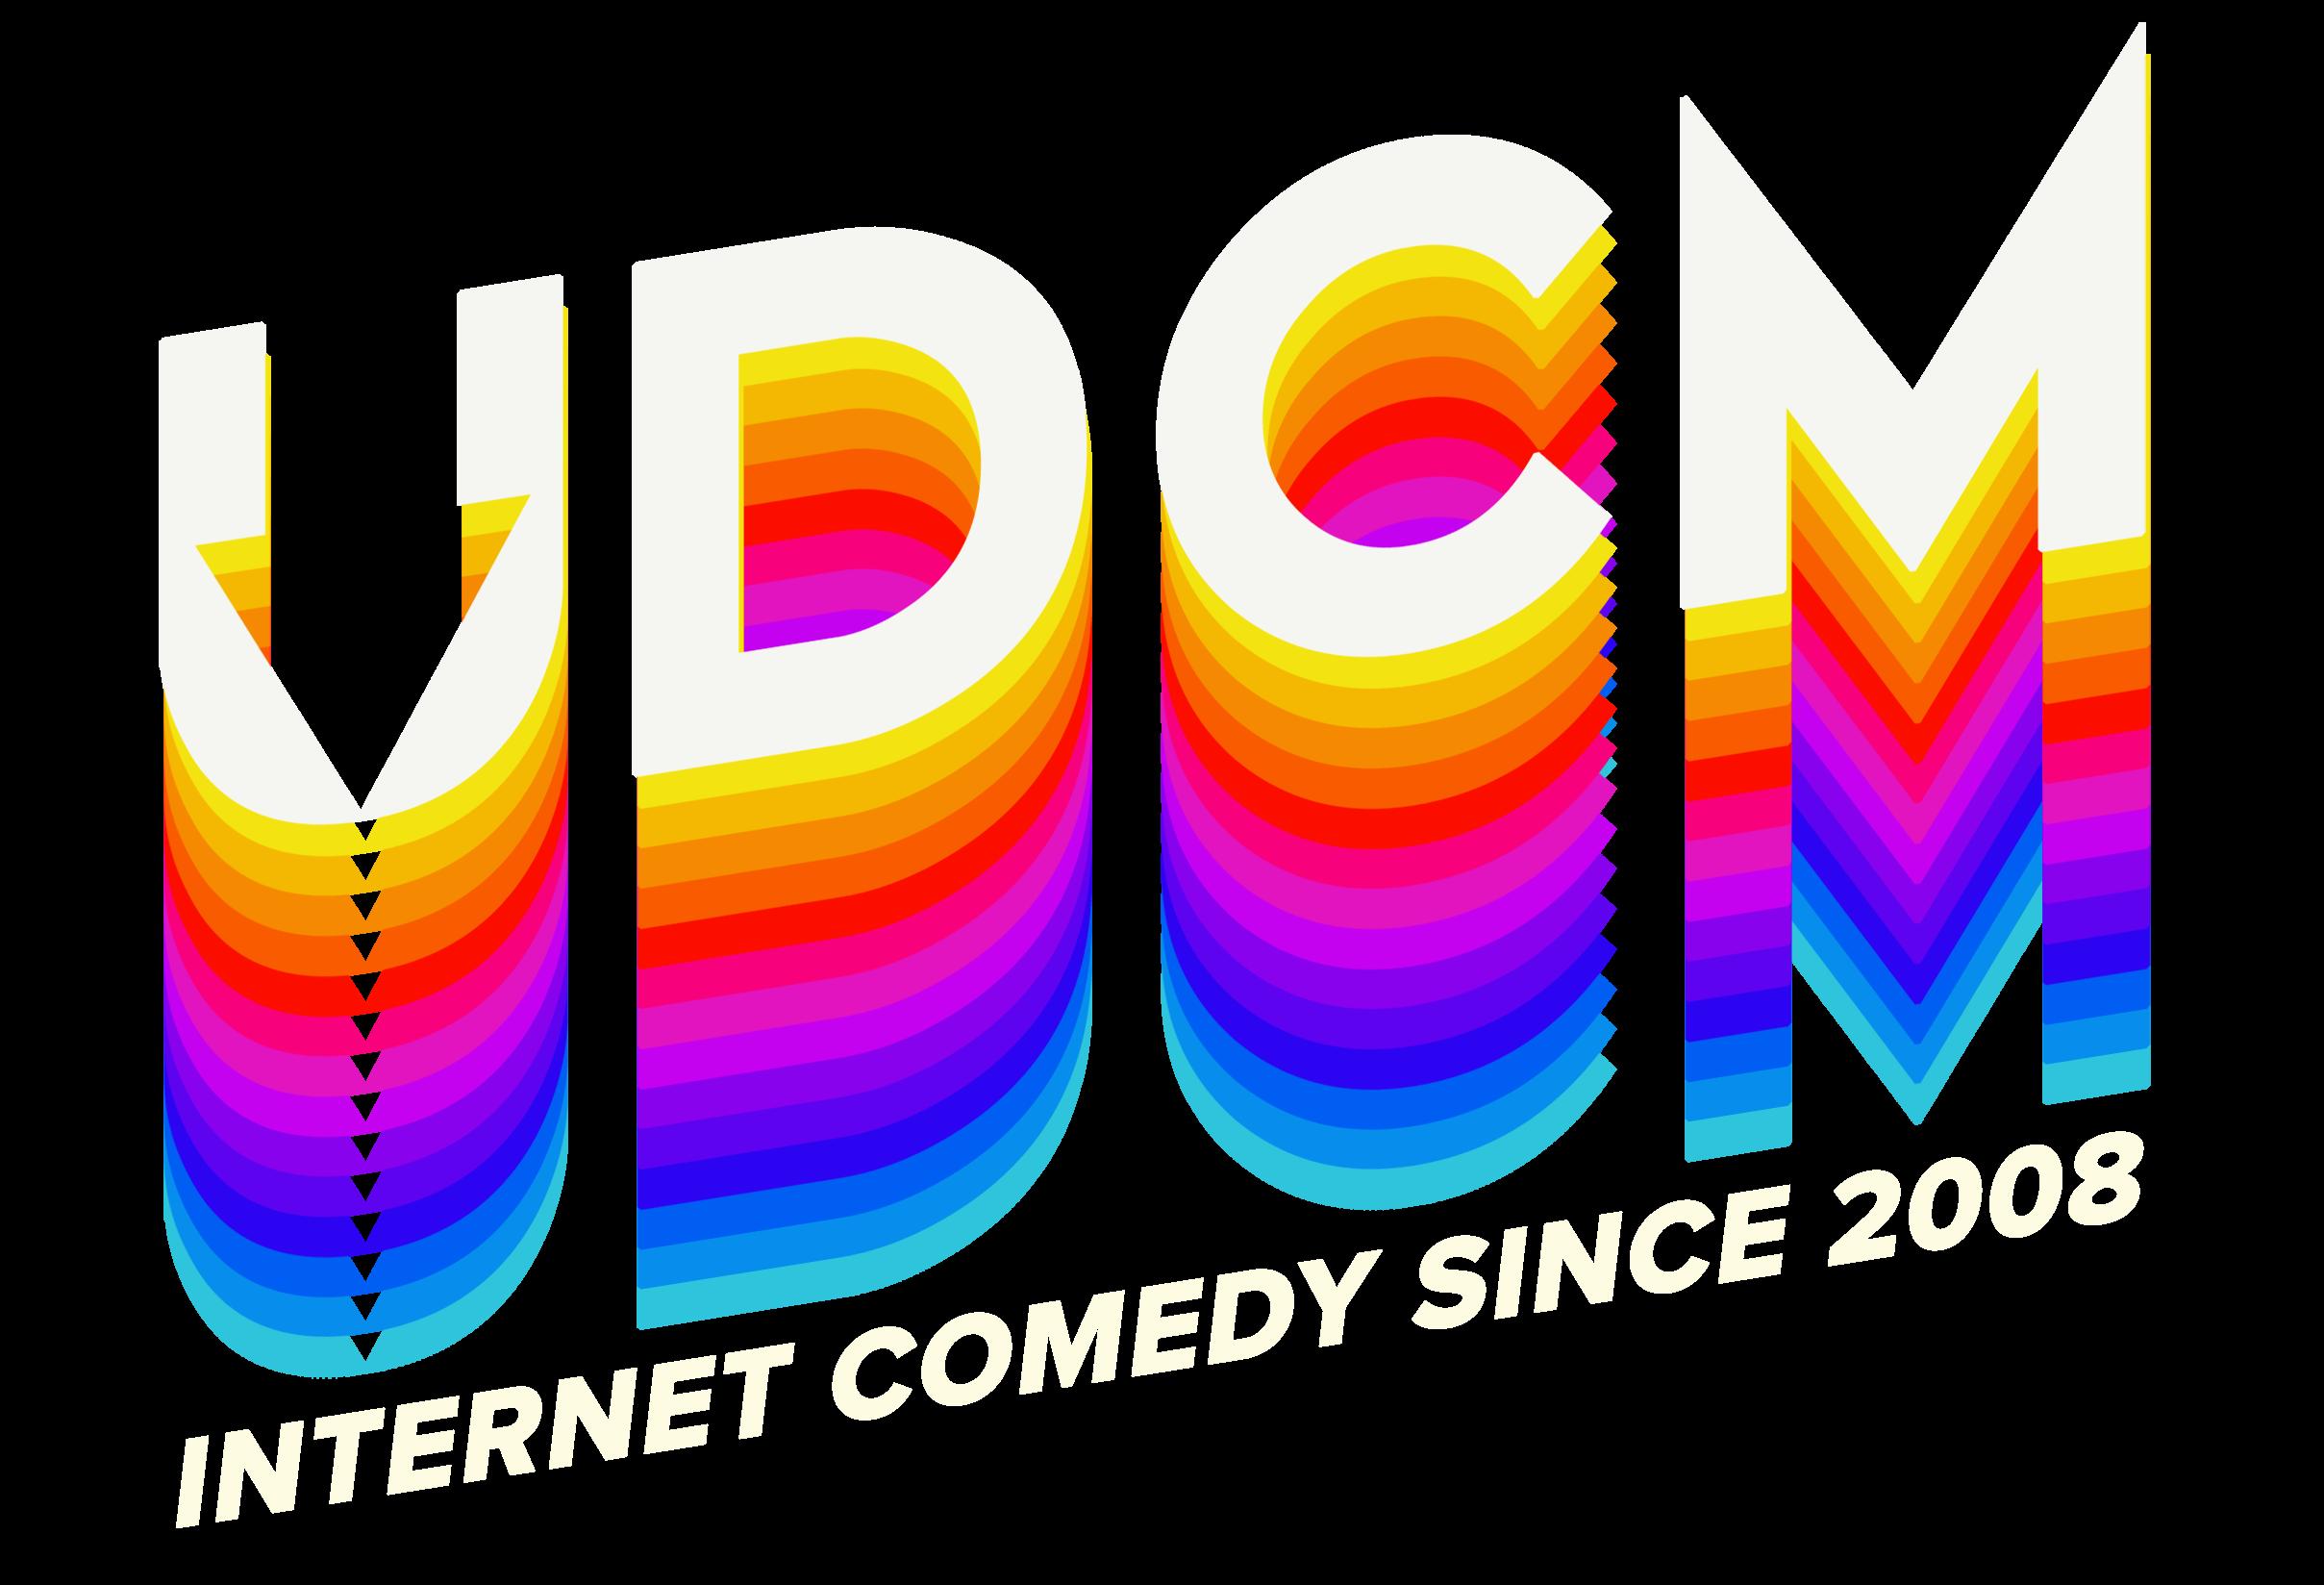 UDCM Comedy Logo